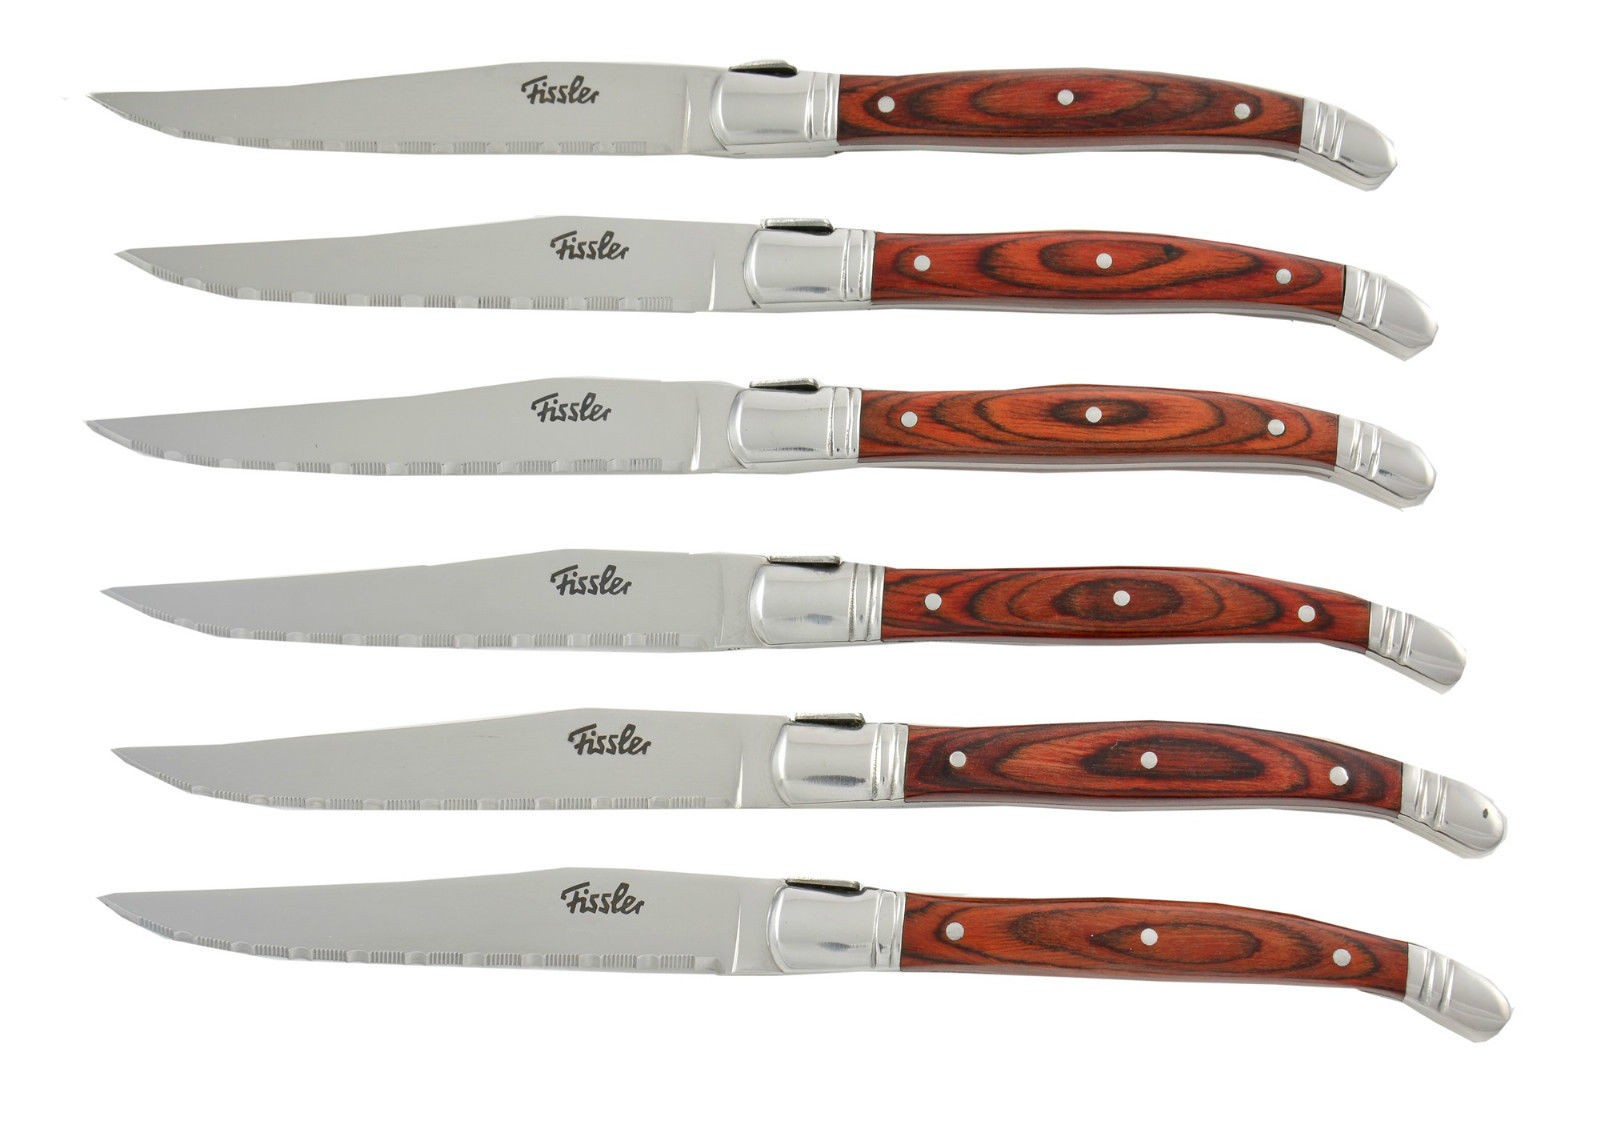 Μαχαίρια Steakmesser Σετ 6Τμχ Fissler home   εργαλεια κουζινας   μαχαίρια